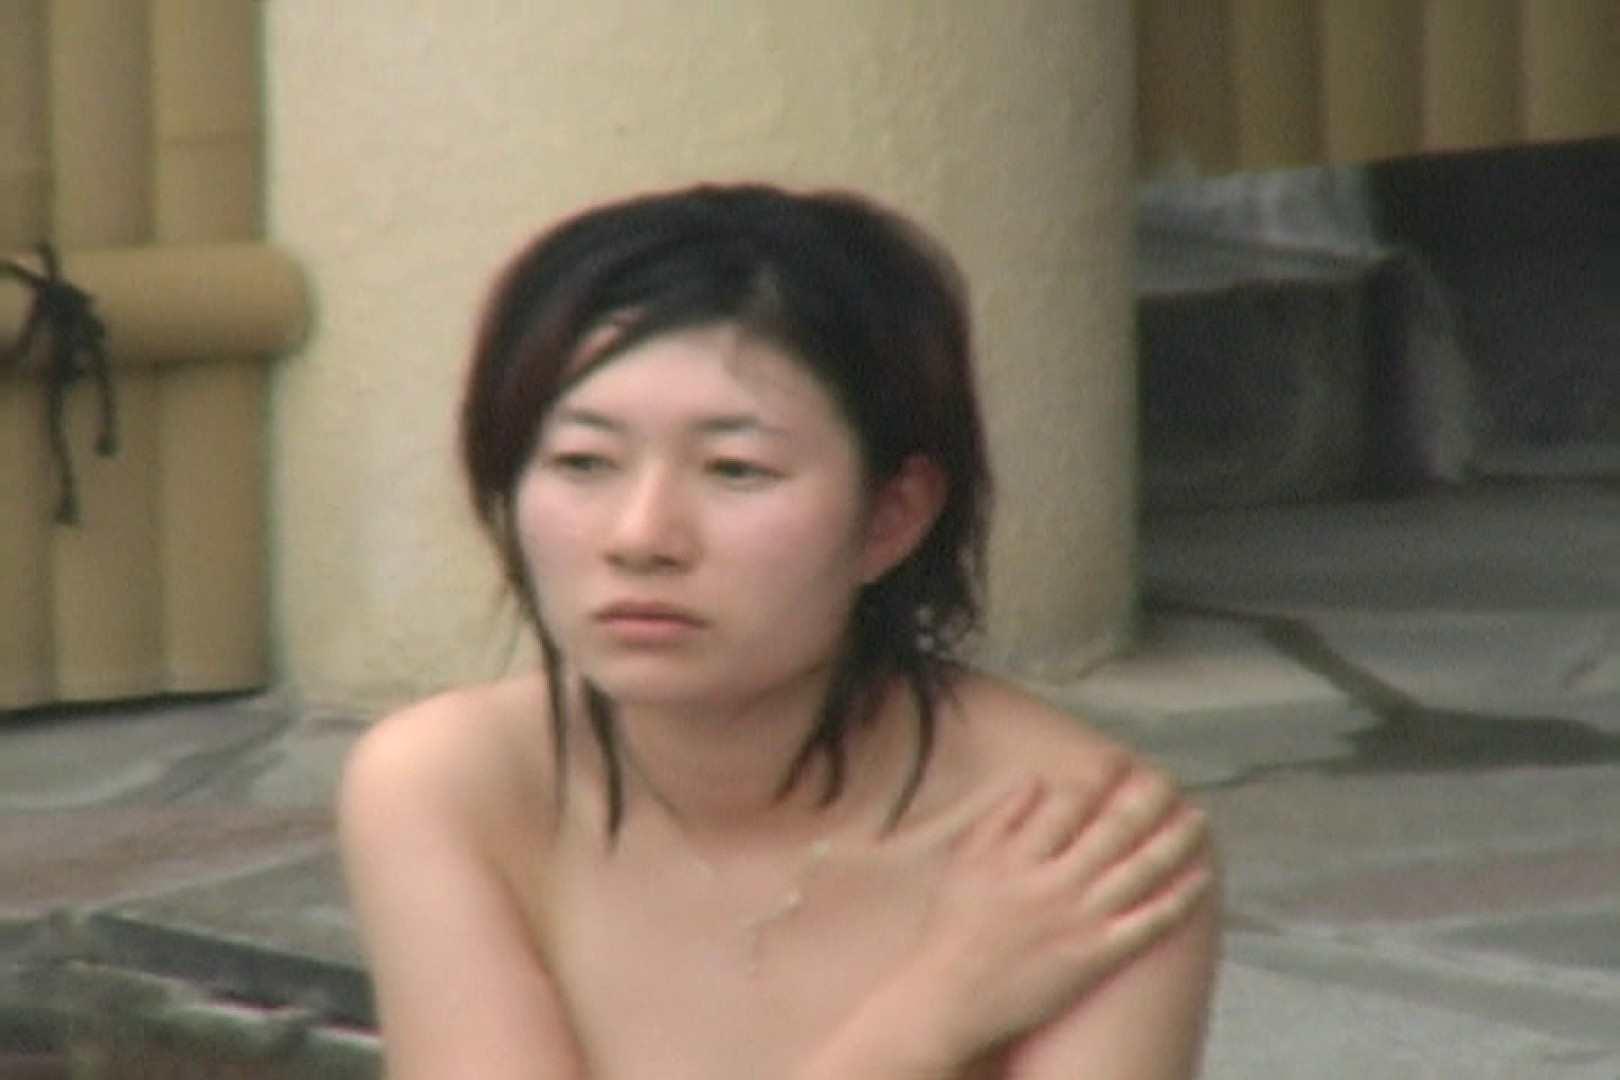 Aquaな露天風呂Vol.549 美しいOLの裸体 のぞき動画画像 93pic 83